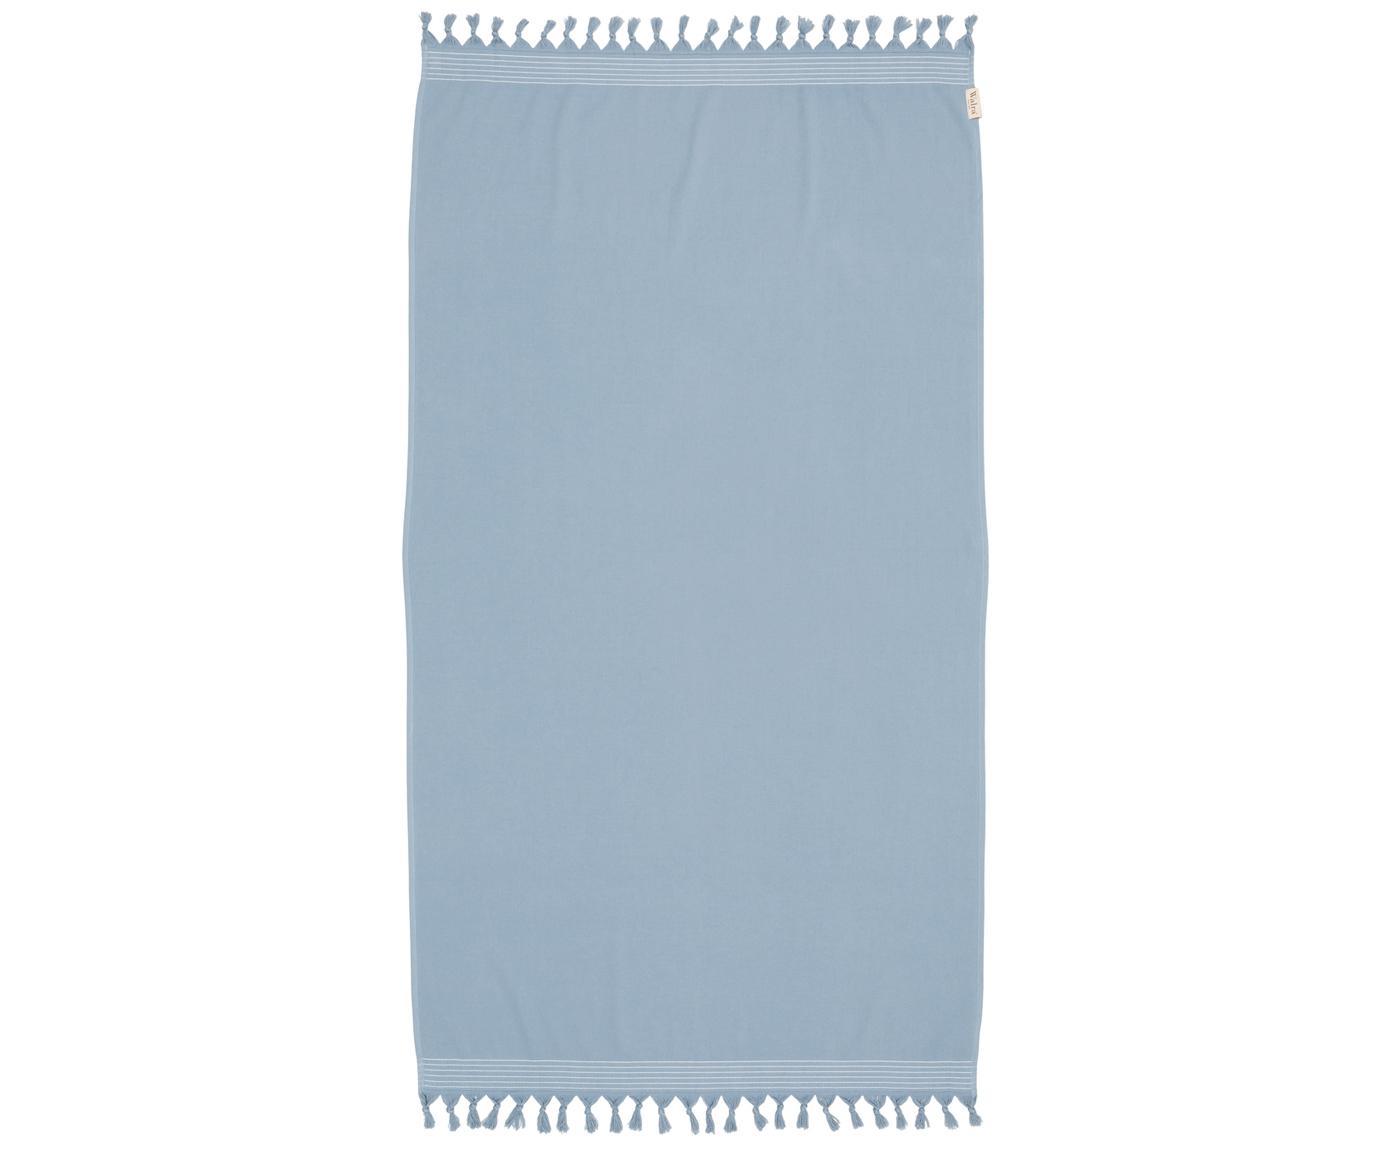 Hamamdoek Soft Cotton met achterzijde van badstof, Blauw, wit, 100 x 180 cm